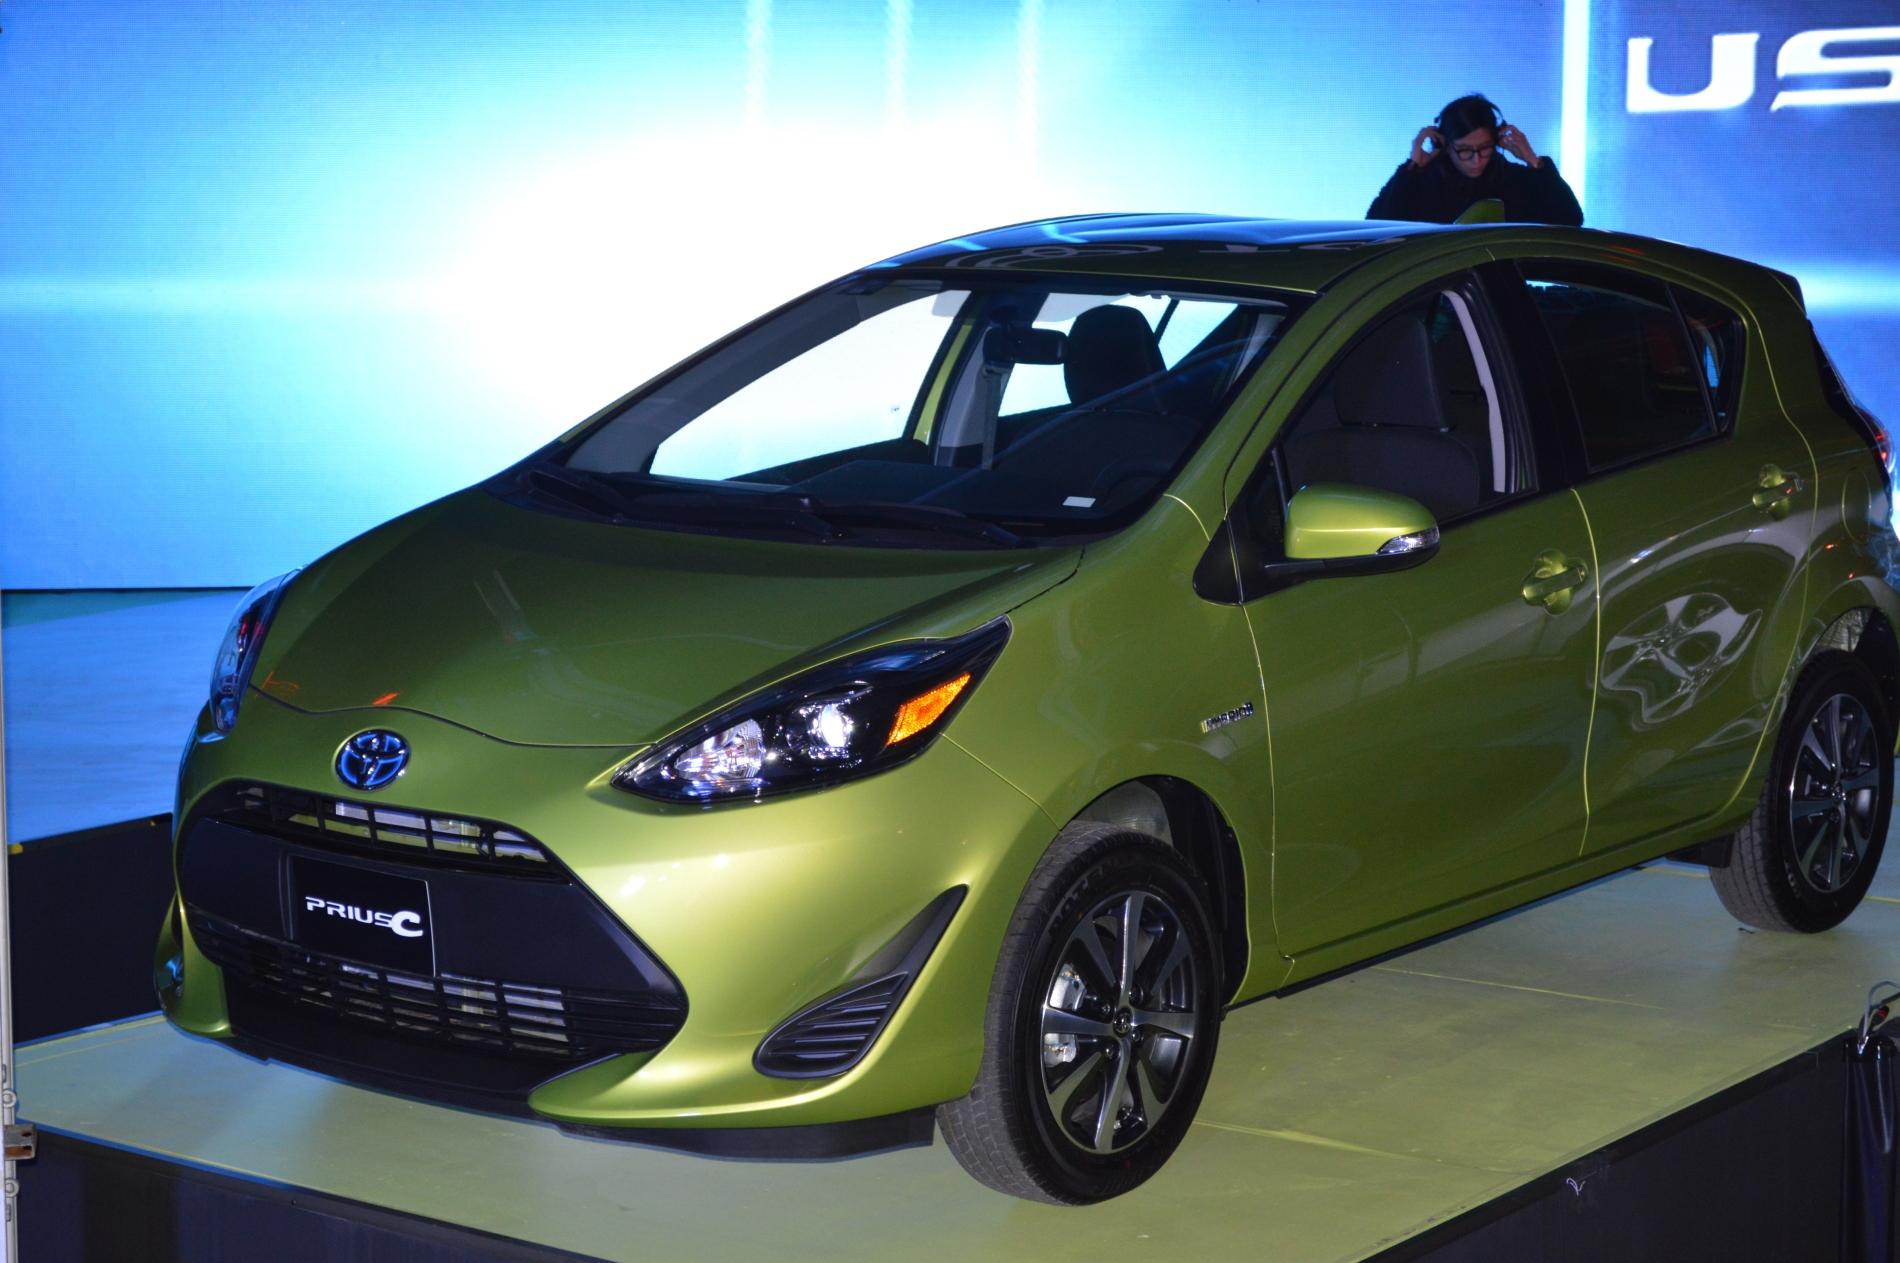 Producción de vehículos ligeros, con cifras récord en enero